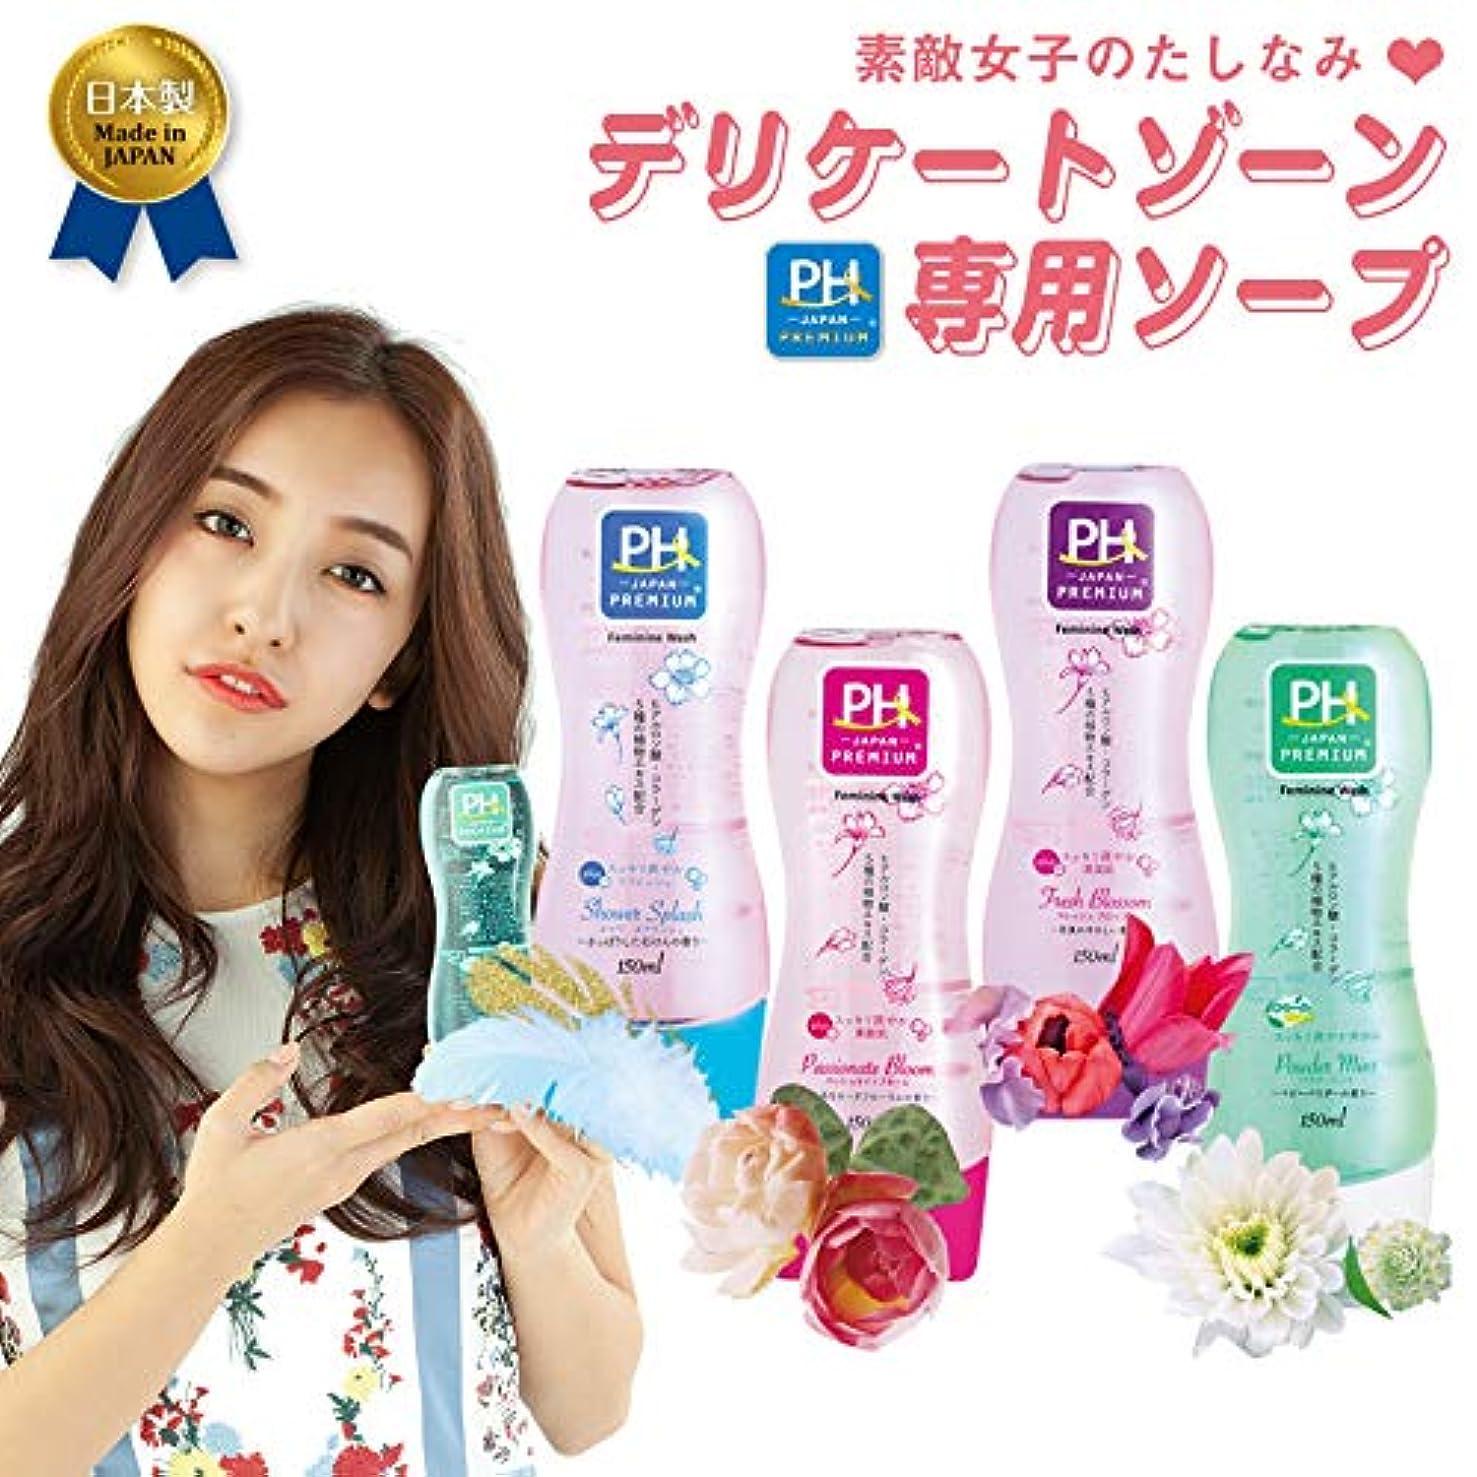 ありそう汚染するベルトシャワースプラッシュ2本セット PH JAPAN フェミニンウォッシュ